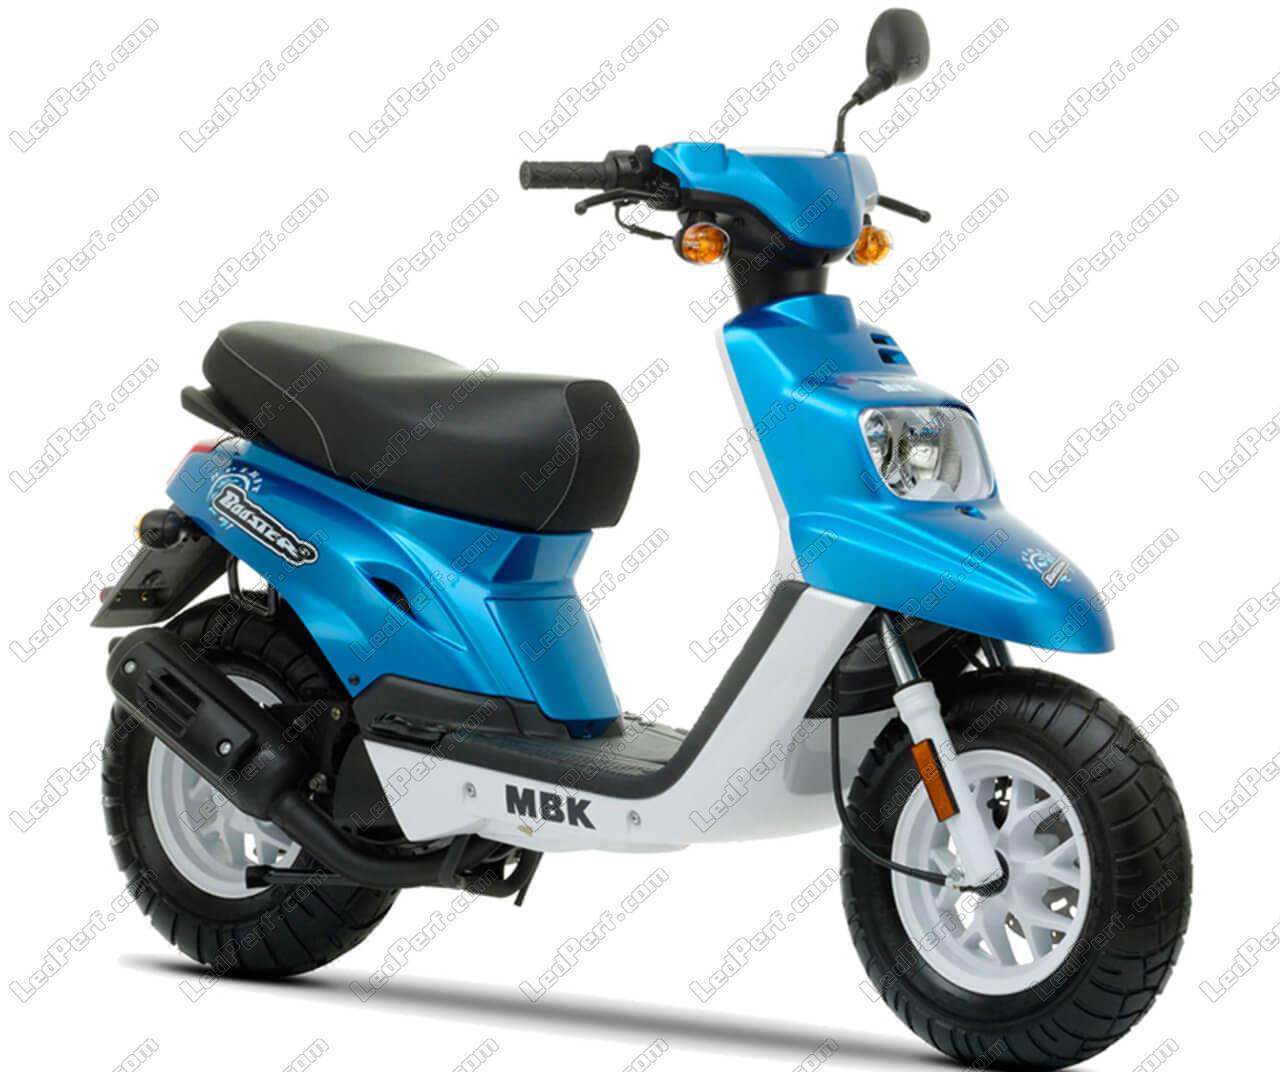 Packs Par Marque Moto Scooter Quad Ssv Spyder Mbk Booster 50